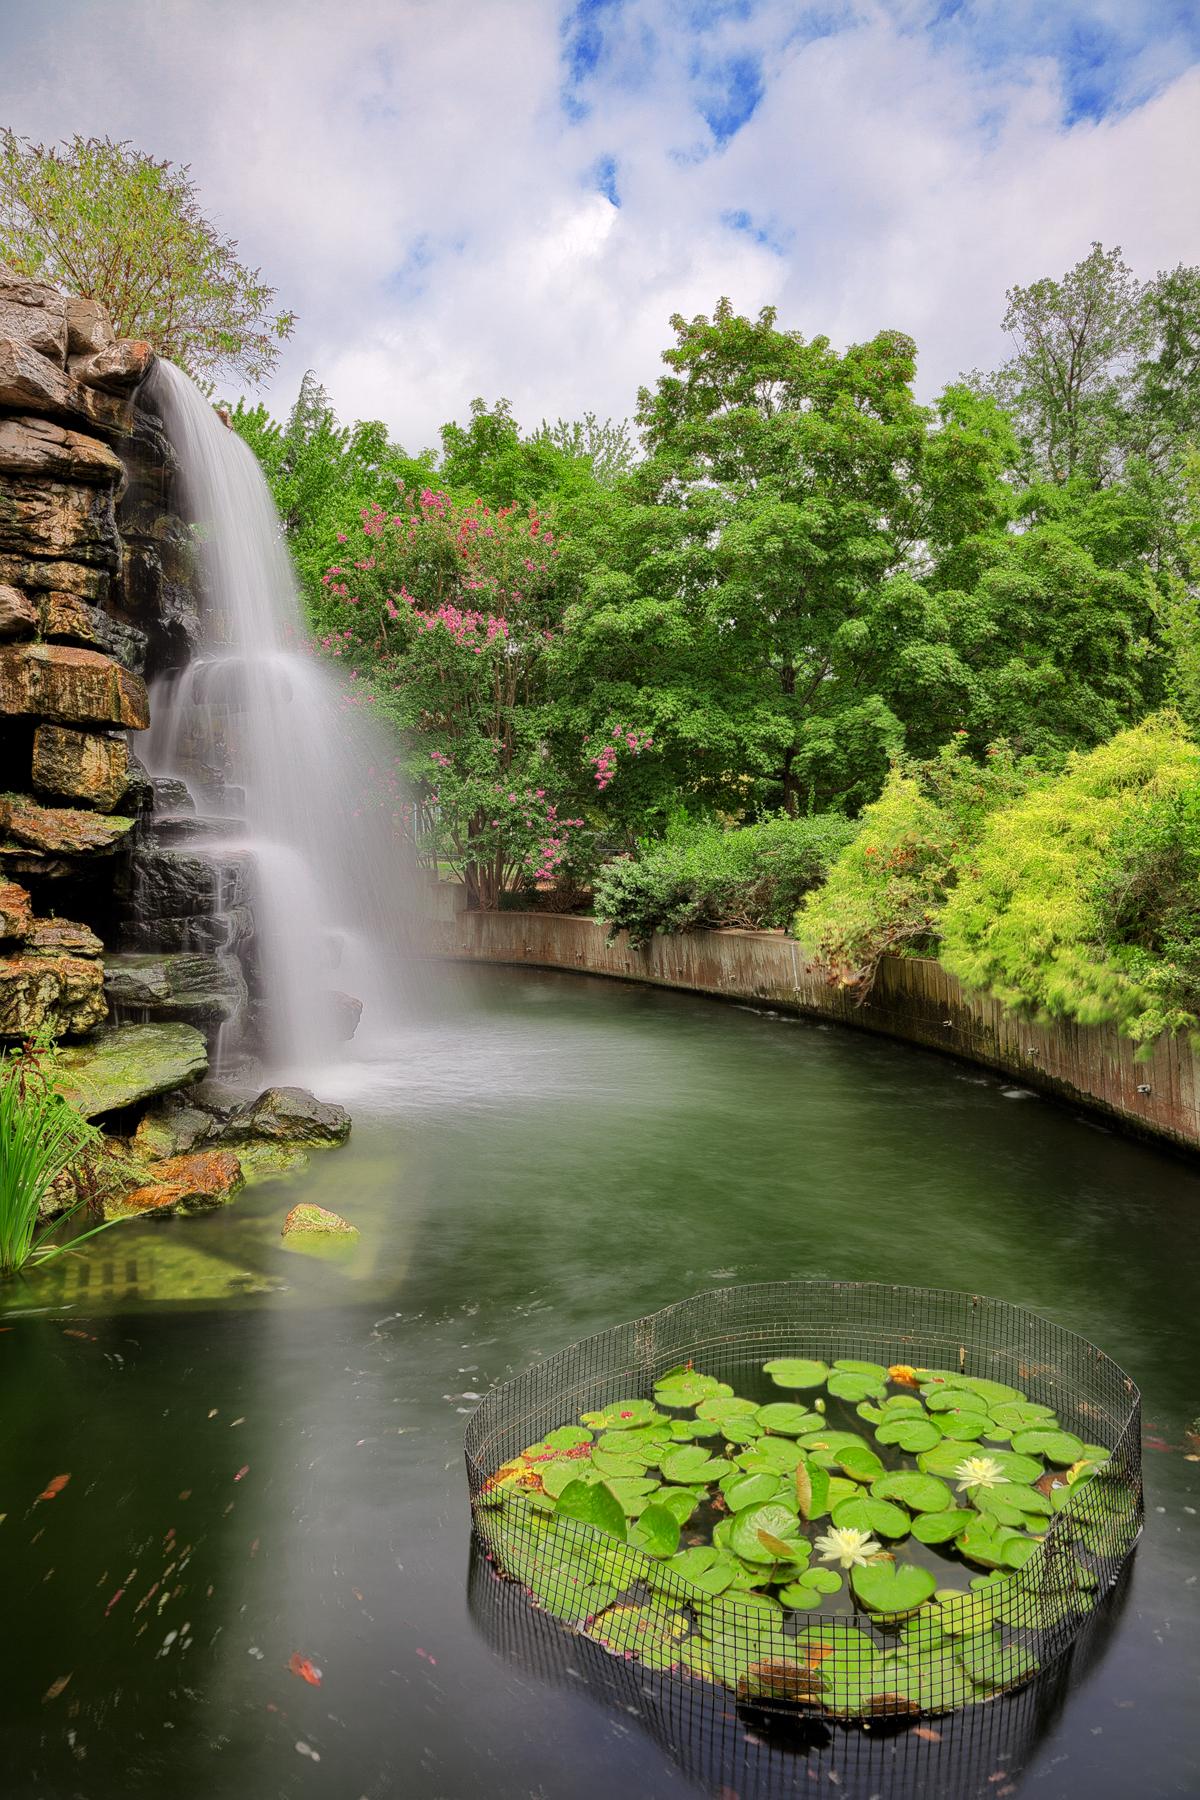 Zoo waterfall - hdr photo